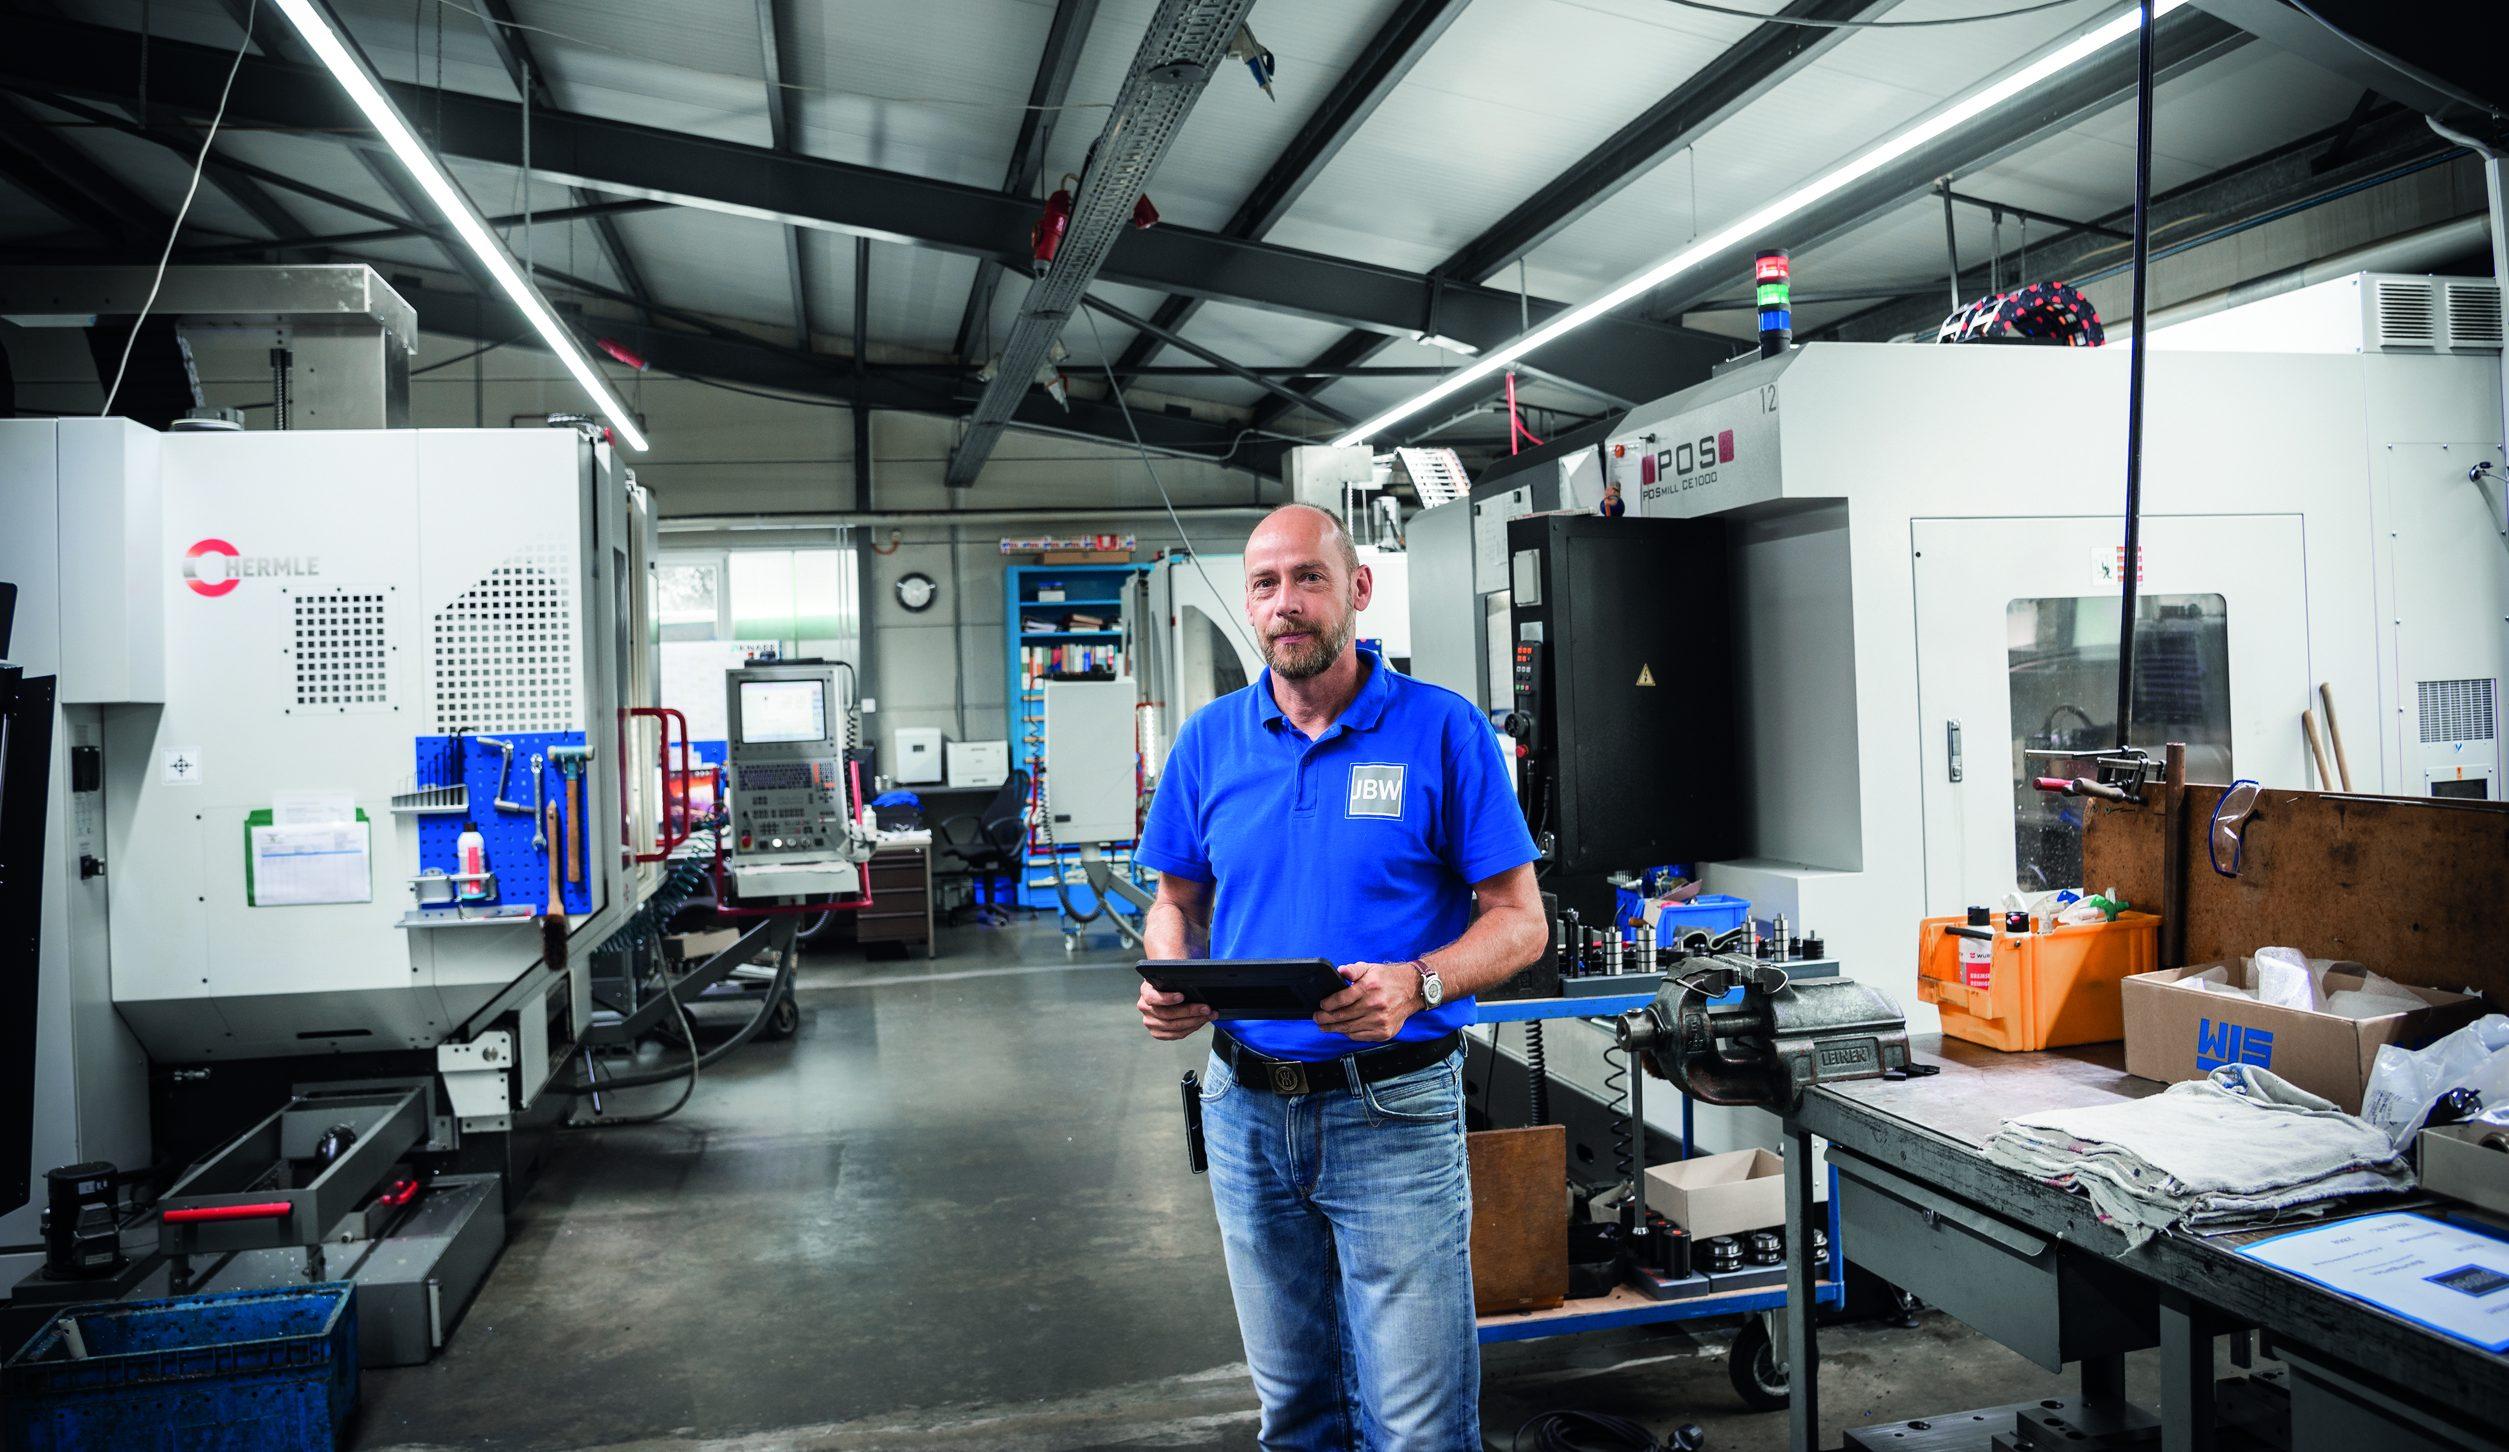 Geschäftsführer Markus Becker konnte durch die eingebundene Software von IKOffice die Arbeitsabläufe im Werkzeugbau deutlich schlanker gestalten. (Bild: IKOffice GmbH)